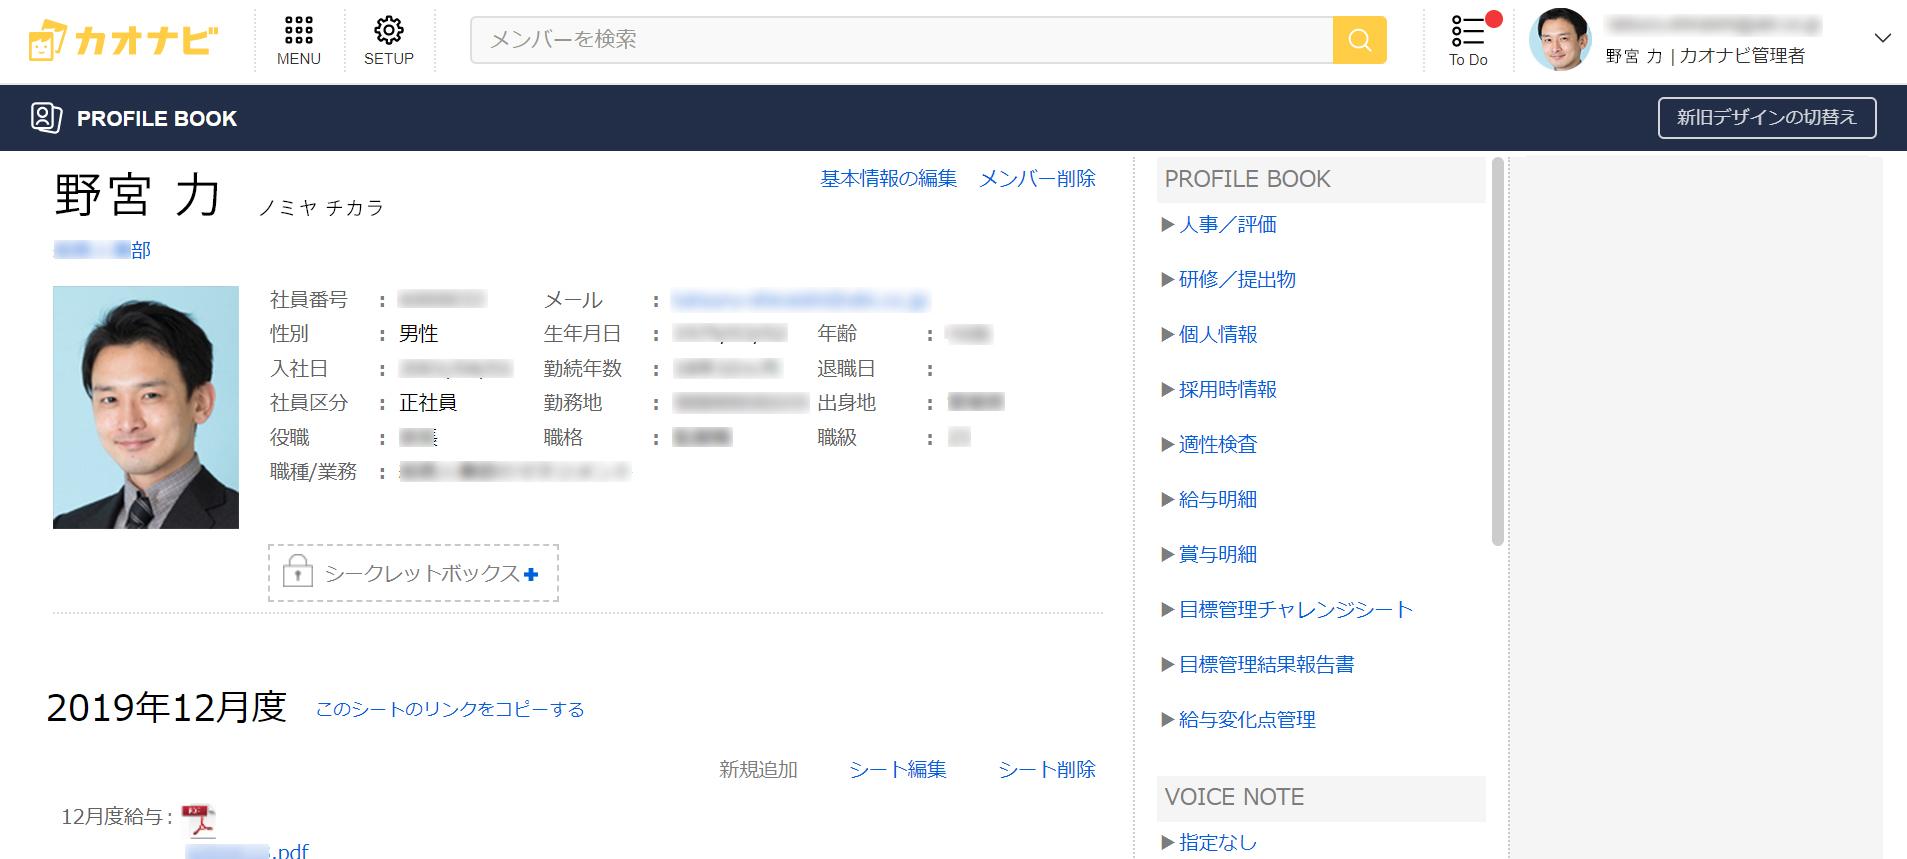 ▲アビリティーセンターの「カオナビ」使用画面【PROFILE BOOK】(※データはすべて一例です。実際の社員情報や使用データとは関係がありません)